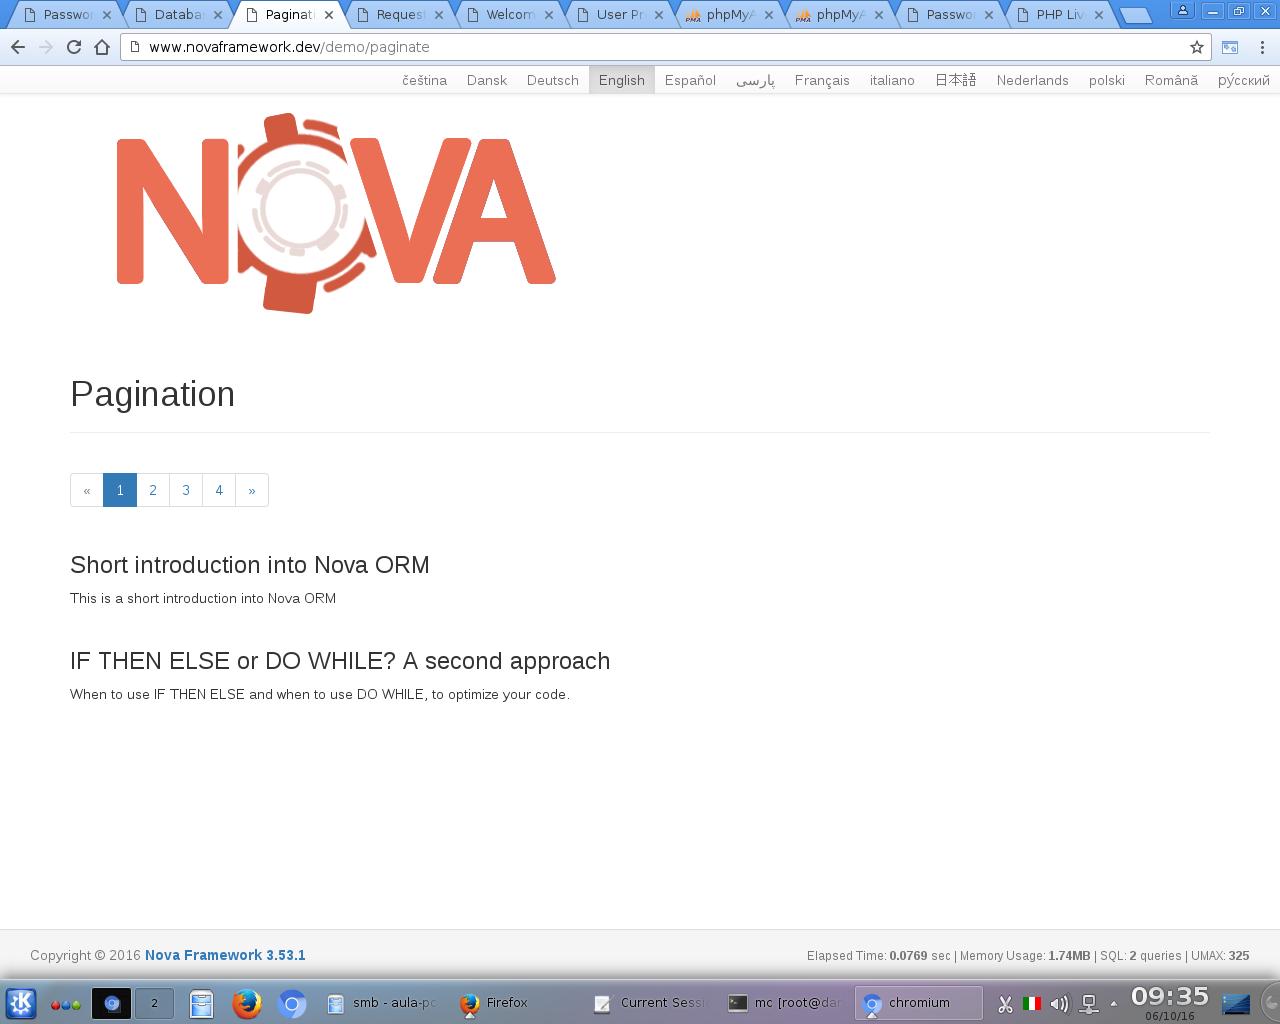 nova-framework/framework - Gitter